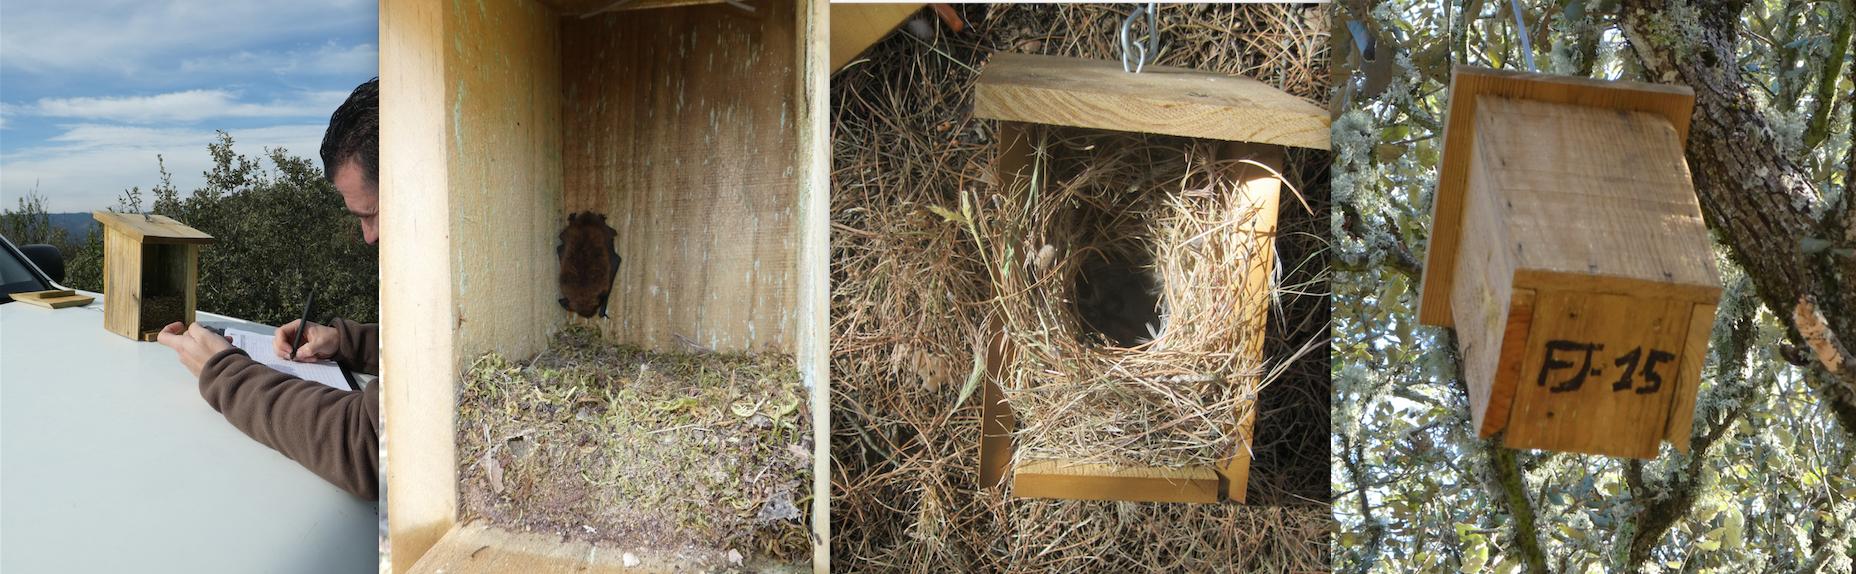 cajas nido Algakon